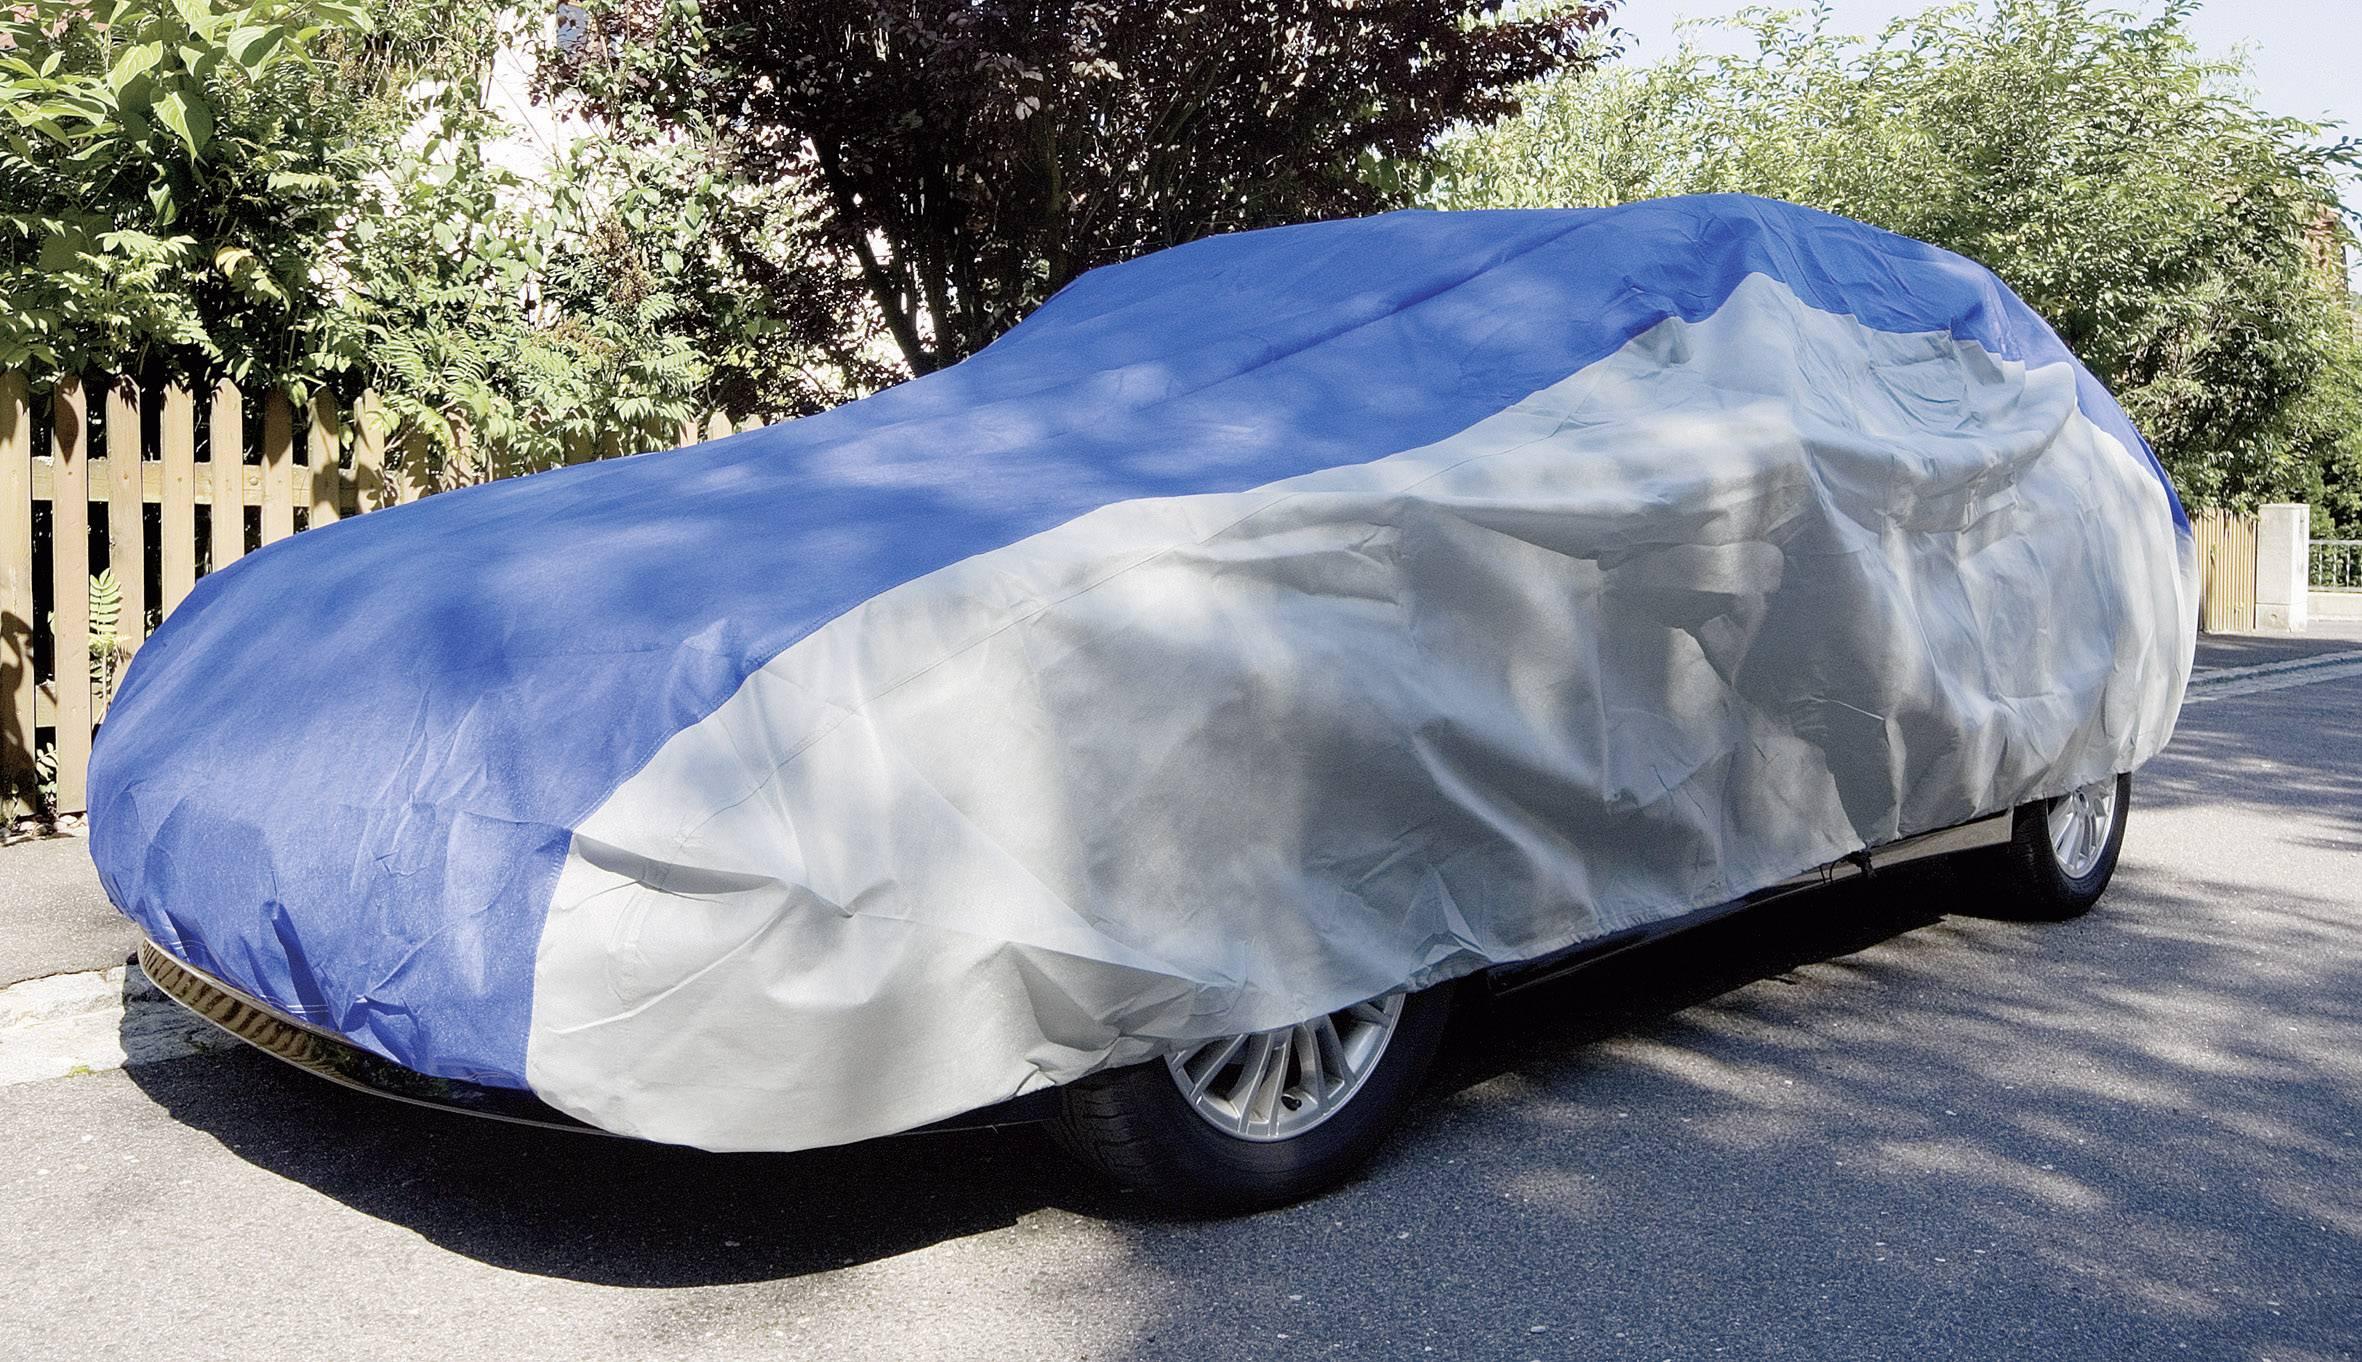 Plachty pre autá a karavany